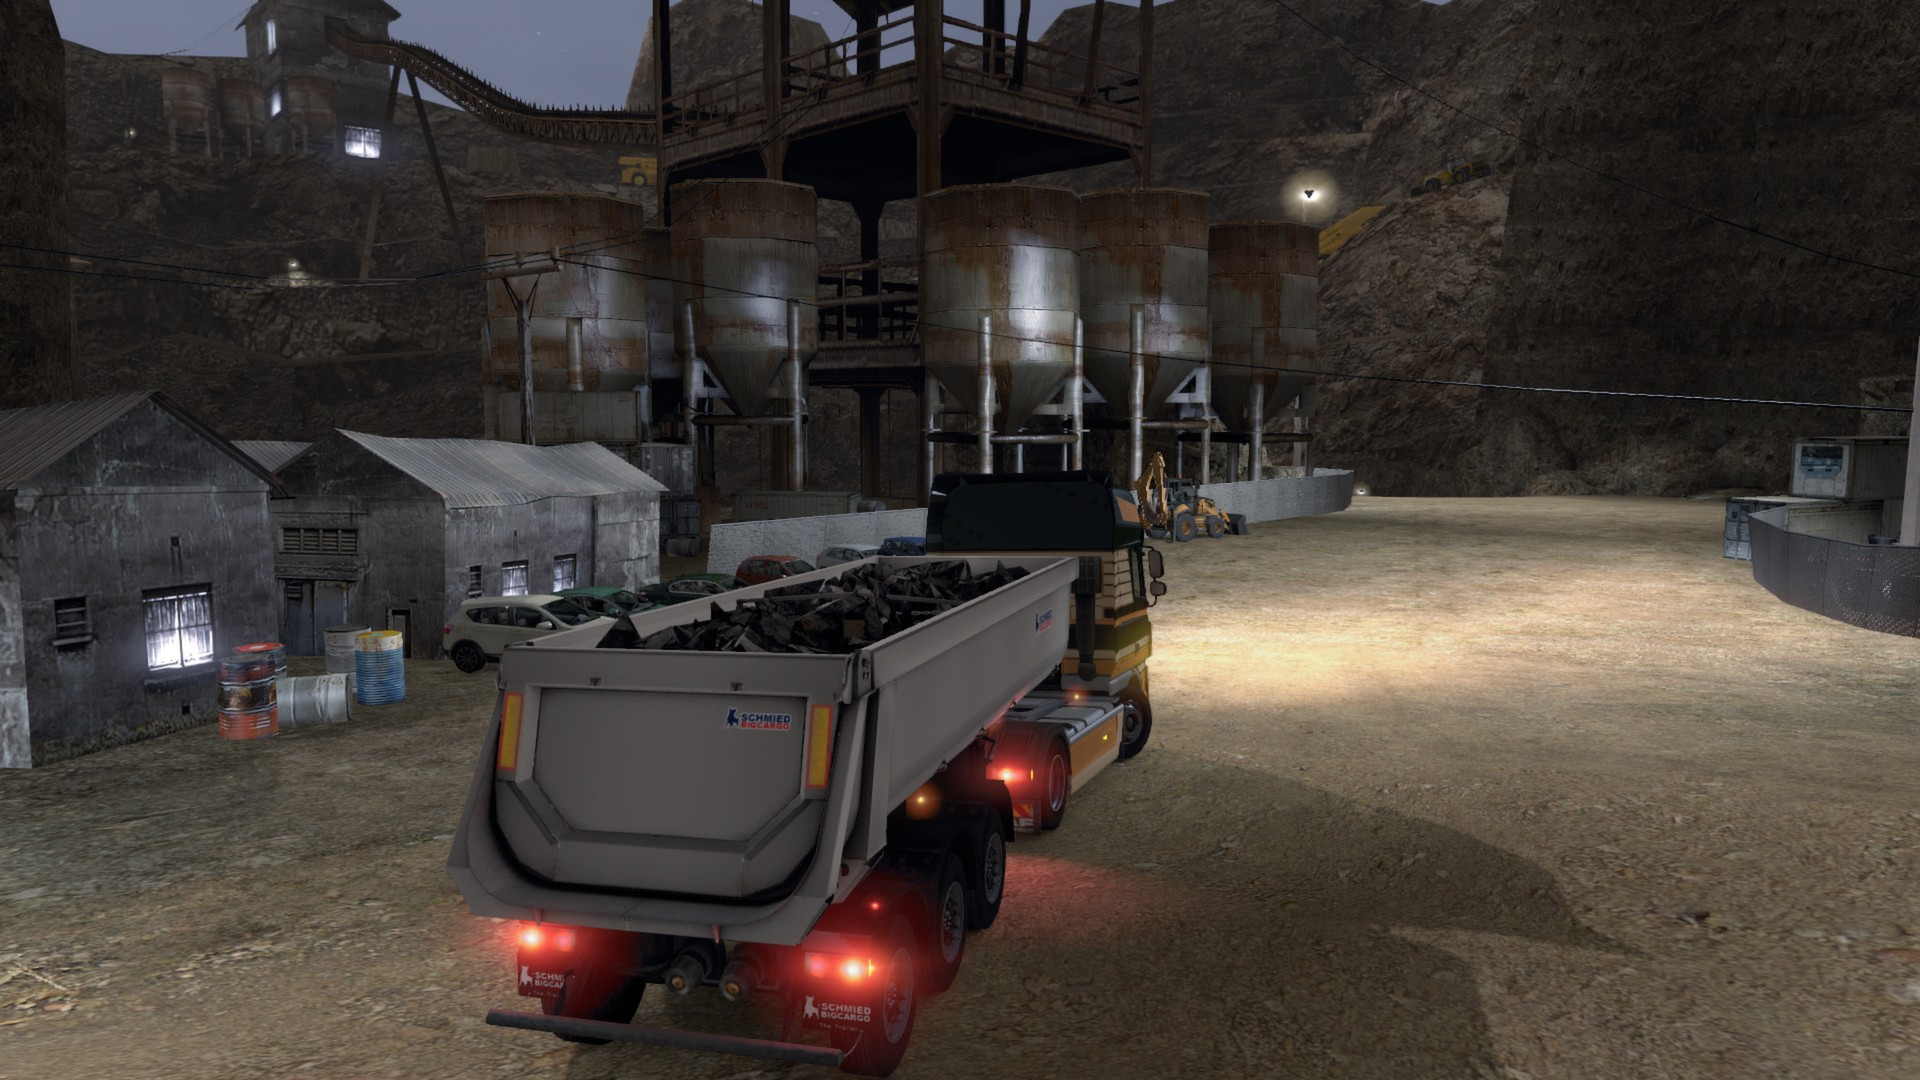 скачать игру euro truck simulator 2 много денег через торрент